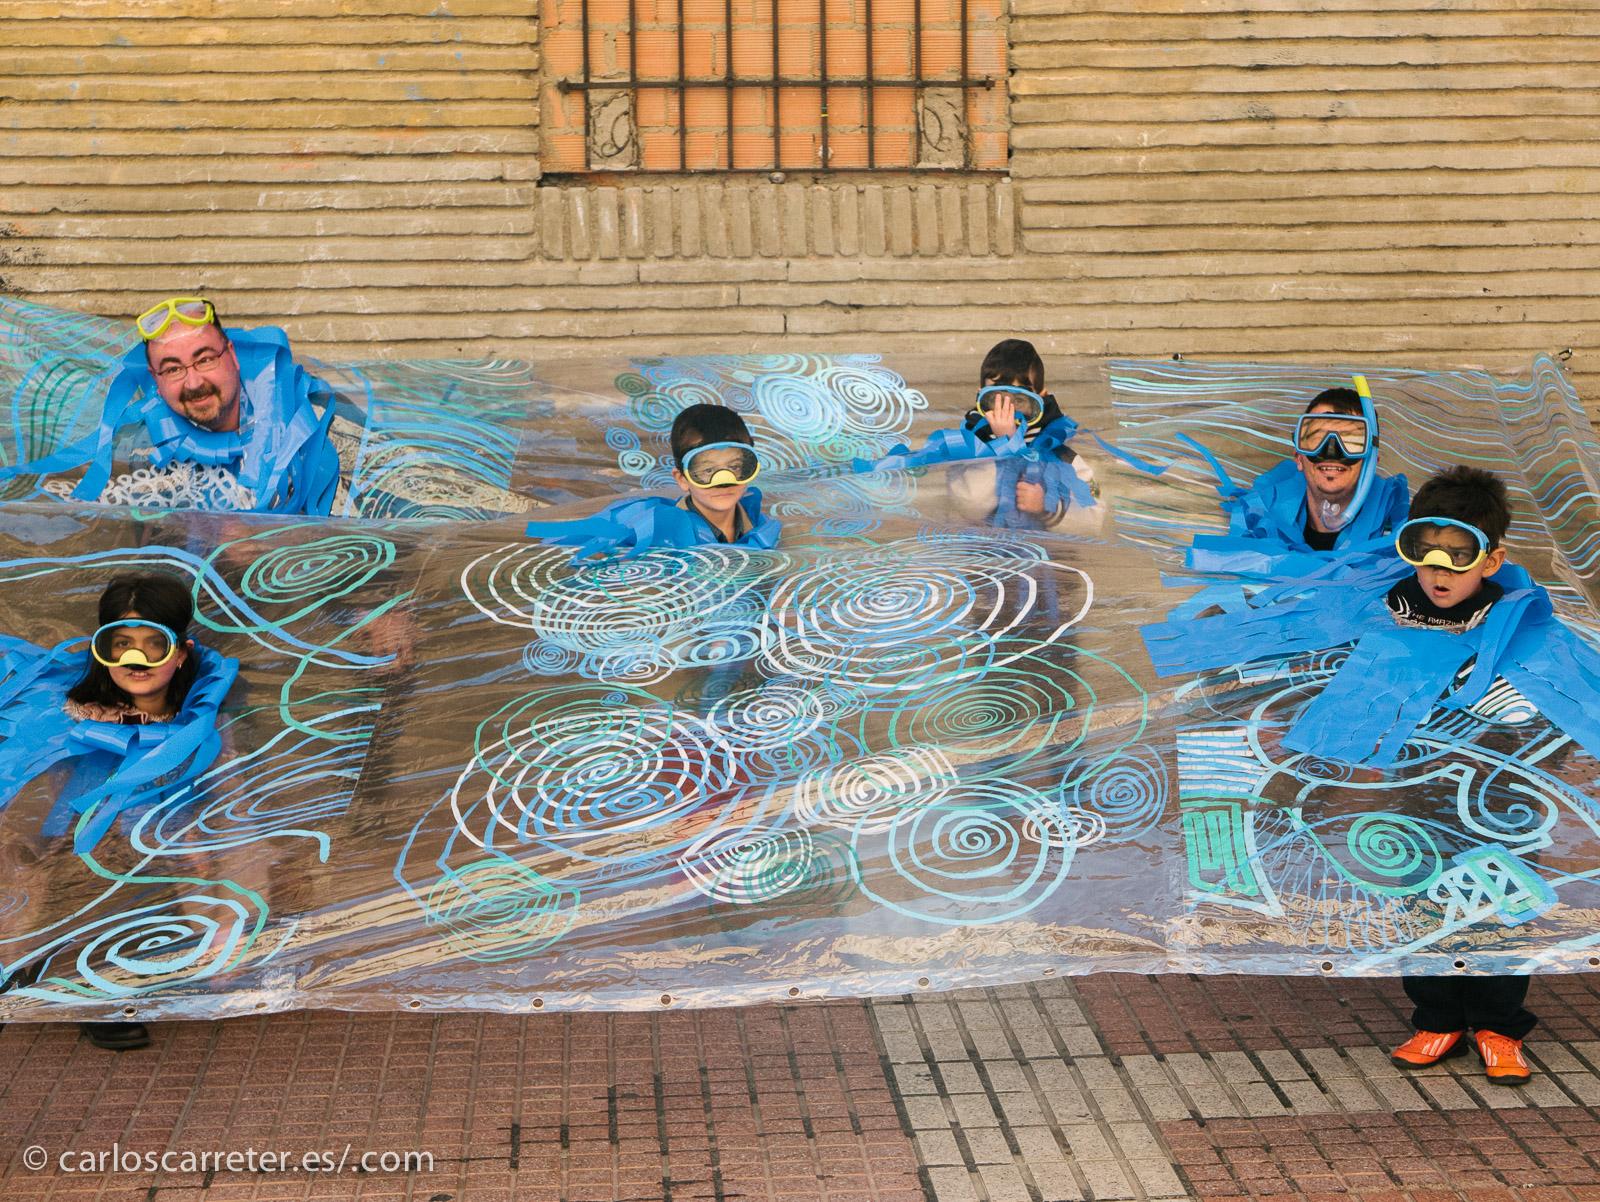 Acompaño este librito de un entorno lúdico. Este pasado sábado, la calle Delicias de Zaragoza realizó una serie de actividades de promoción del barrio con tema marítimo.